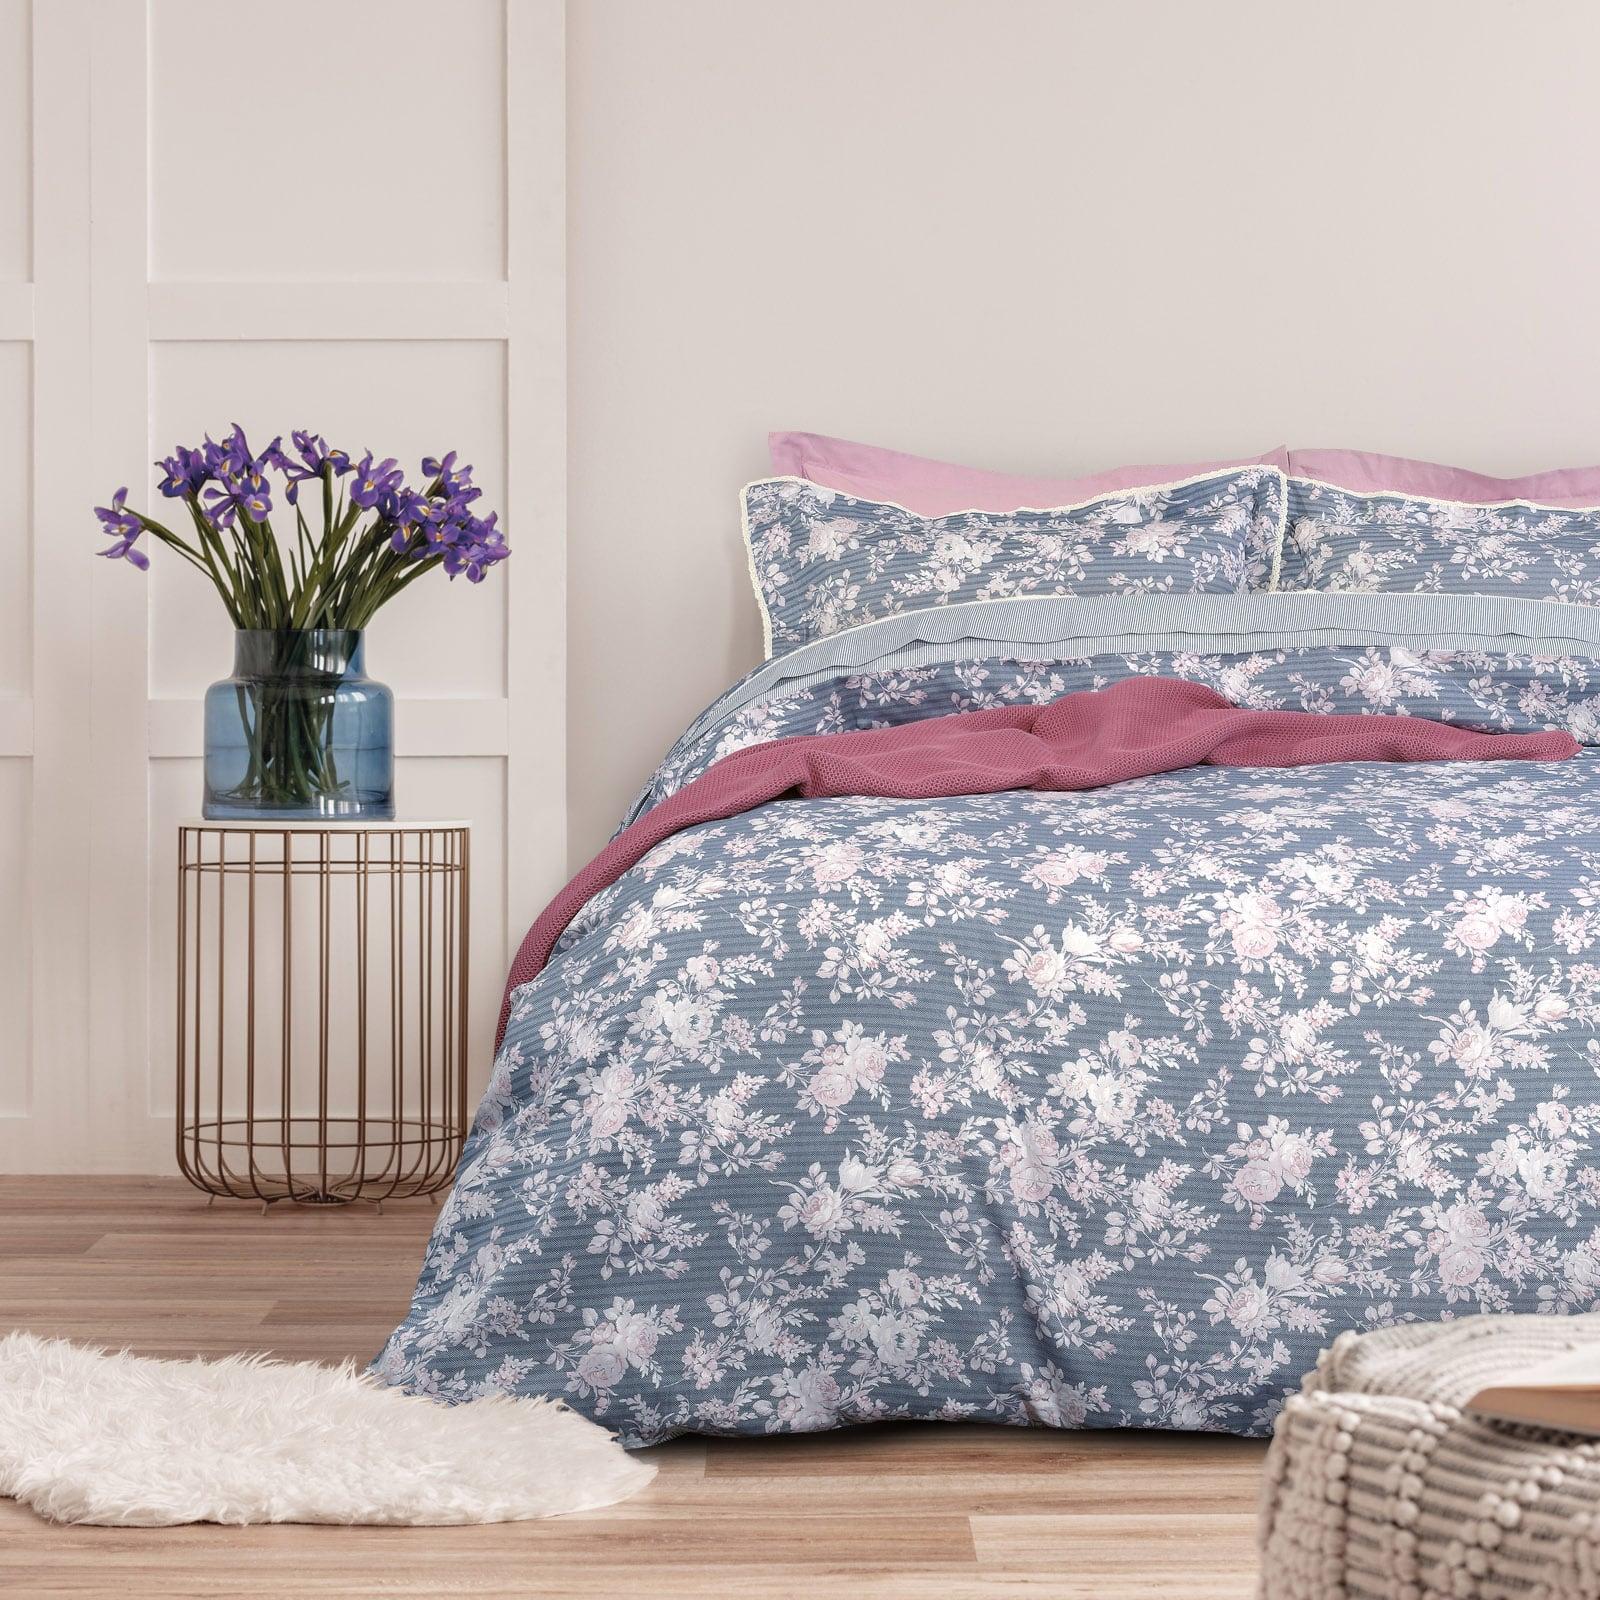 Σεντόνια Σετ 4τμχ 1623 Prestige Blue-Pink Das Home Υπέρδιπλo 230x260cm